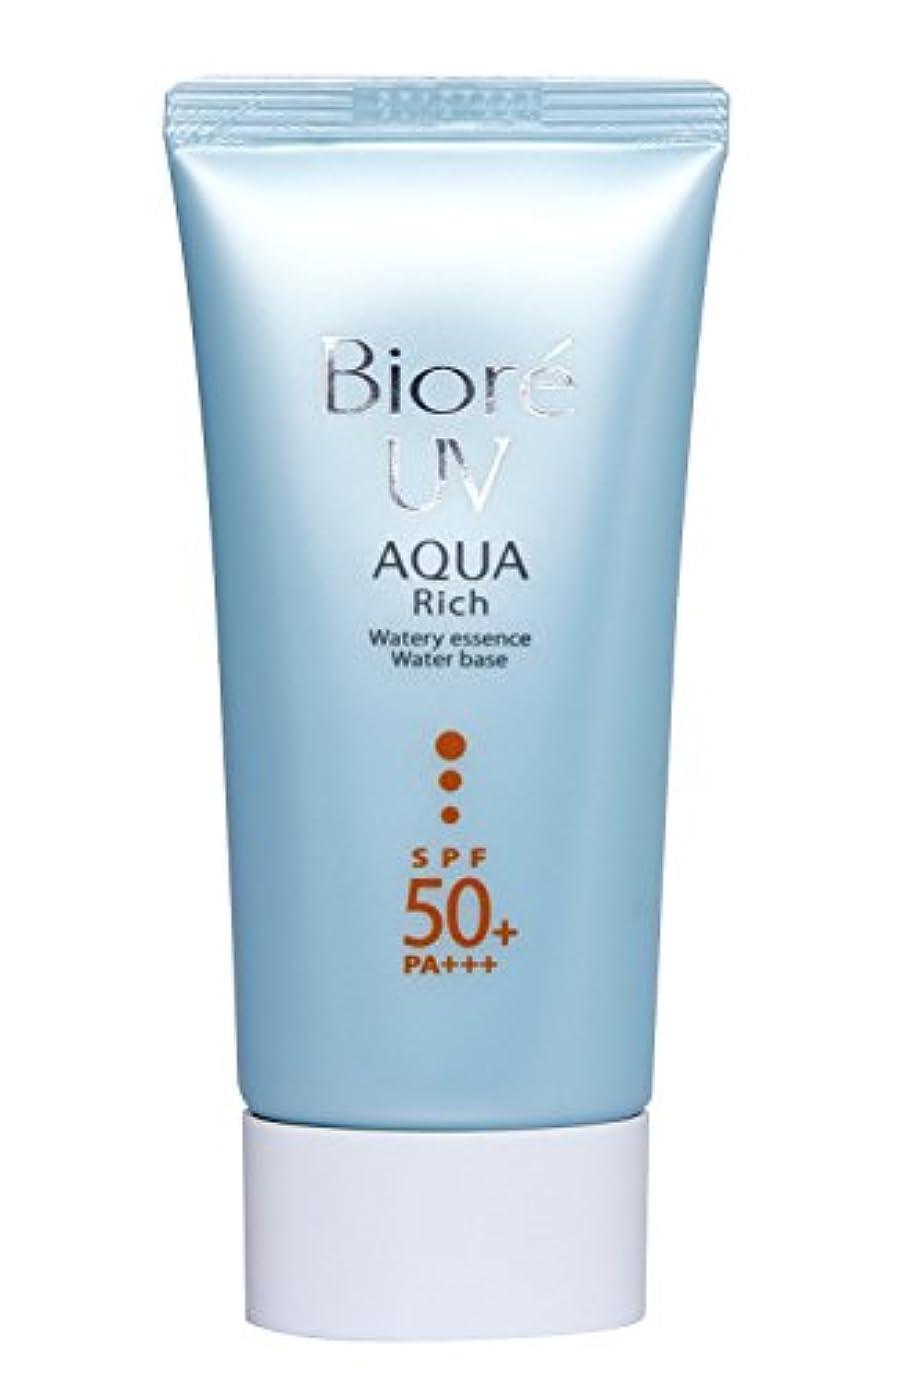 ステーキ北極圏金貸しBiore Uv Aqua Rich Watery Essence spf50 + / PA + + + 50 ml